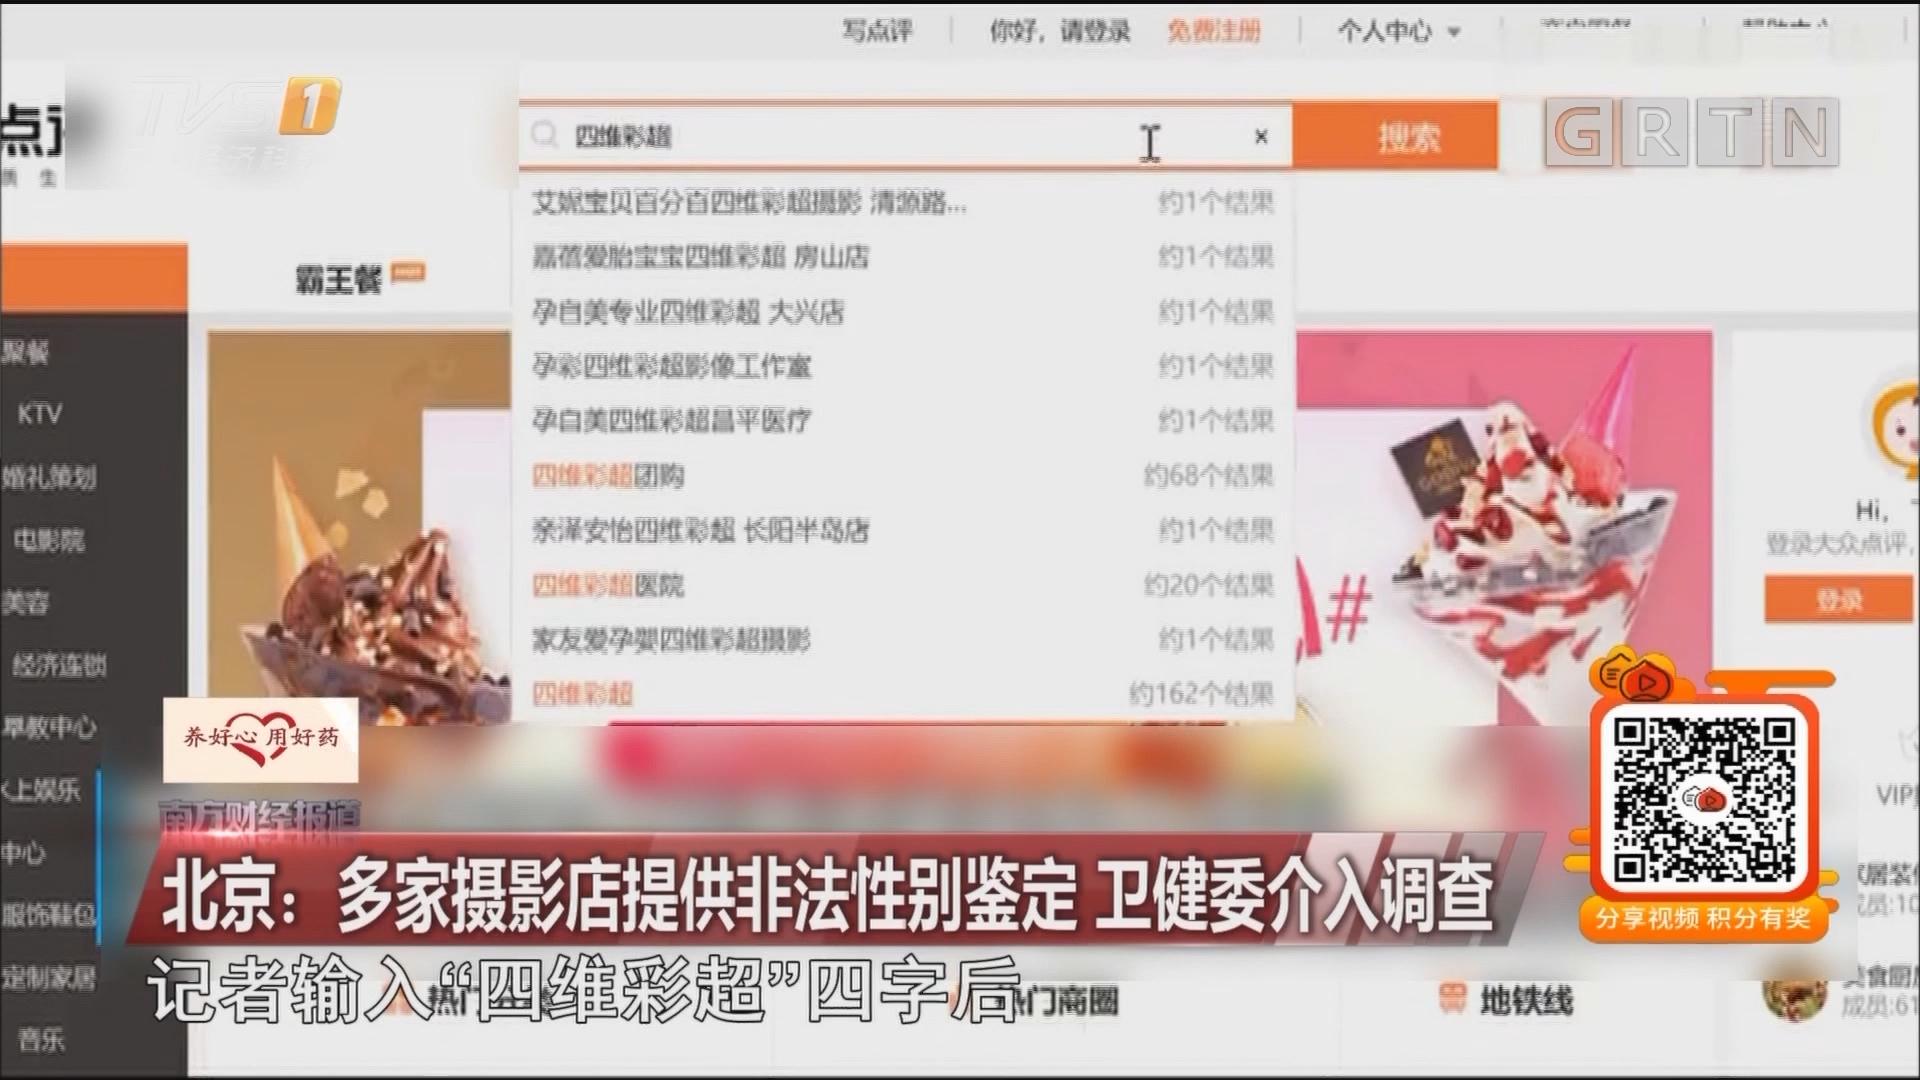 北京:多家摄影店提供非法性别鉴定 卫健委介入调查